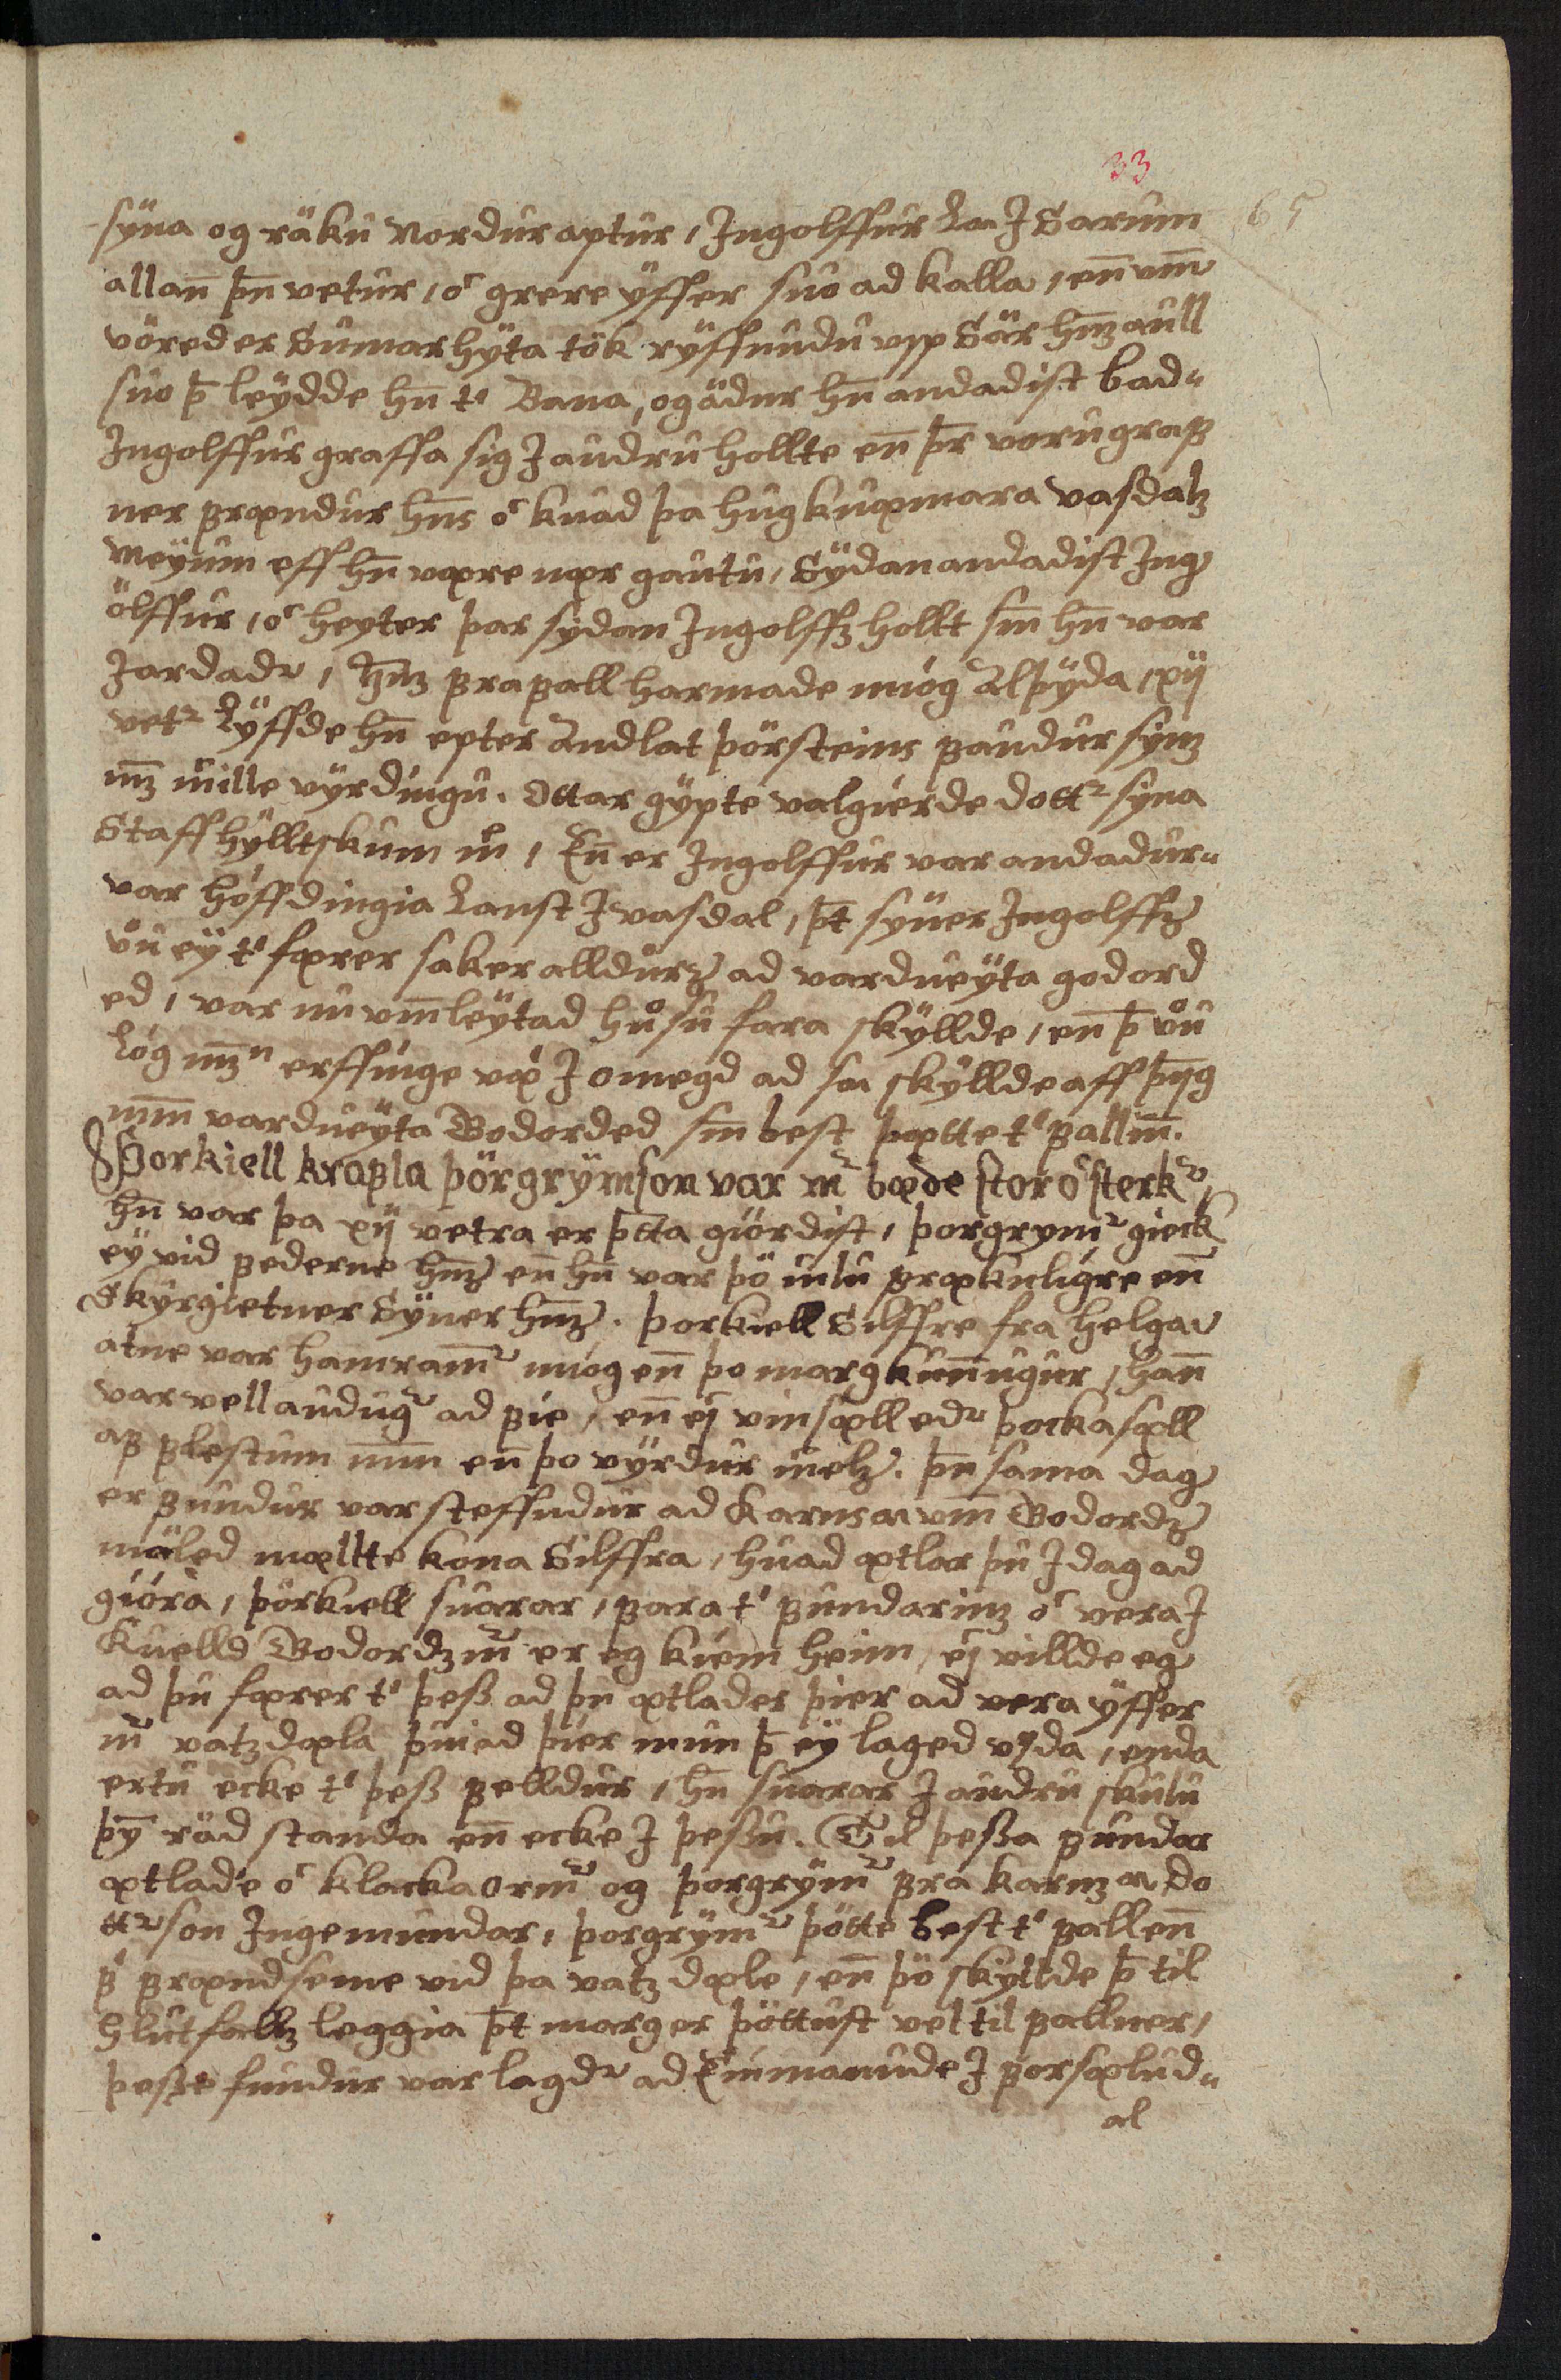 AM 138 fol - 33r